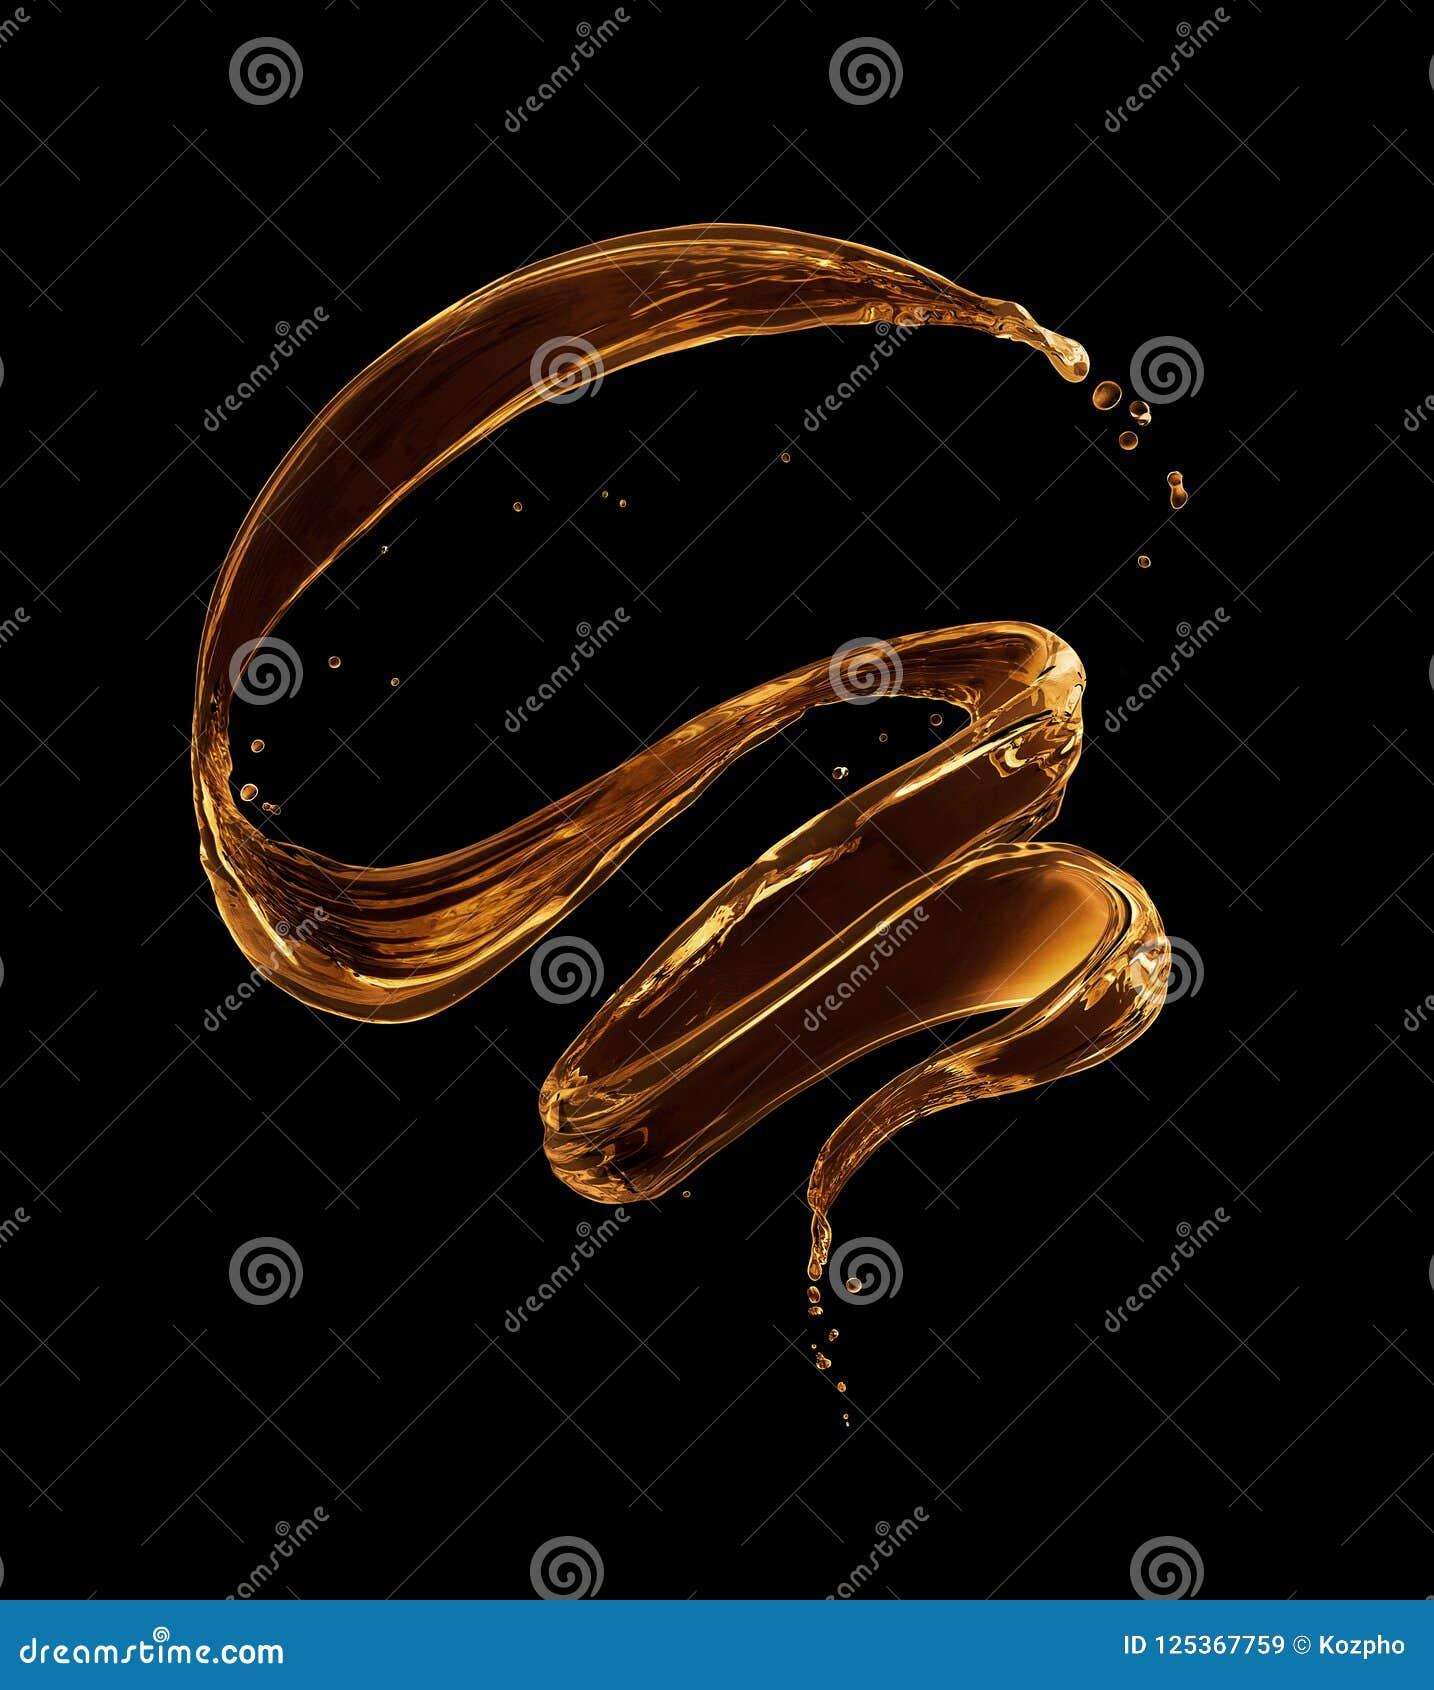 Plonsen van olieachtige vloeistof in een wervelende vorm op een zwarte